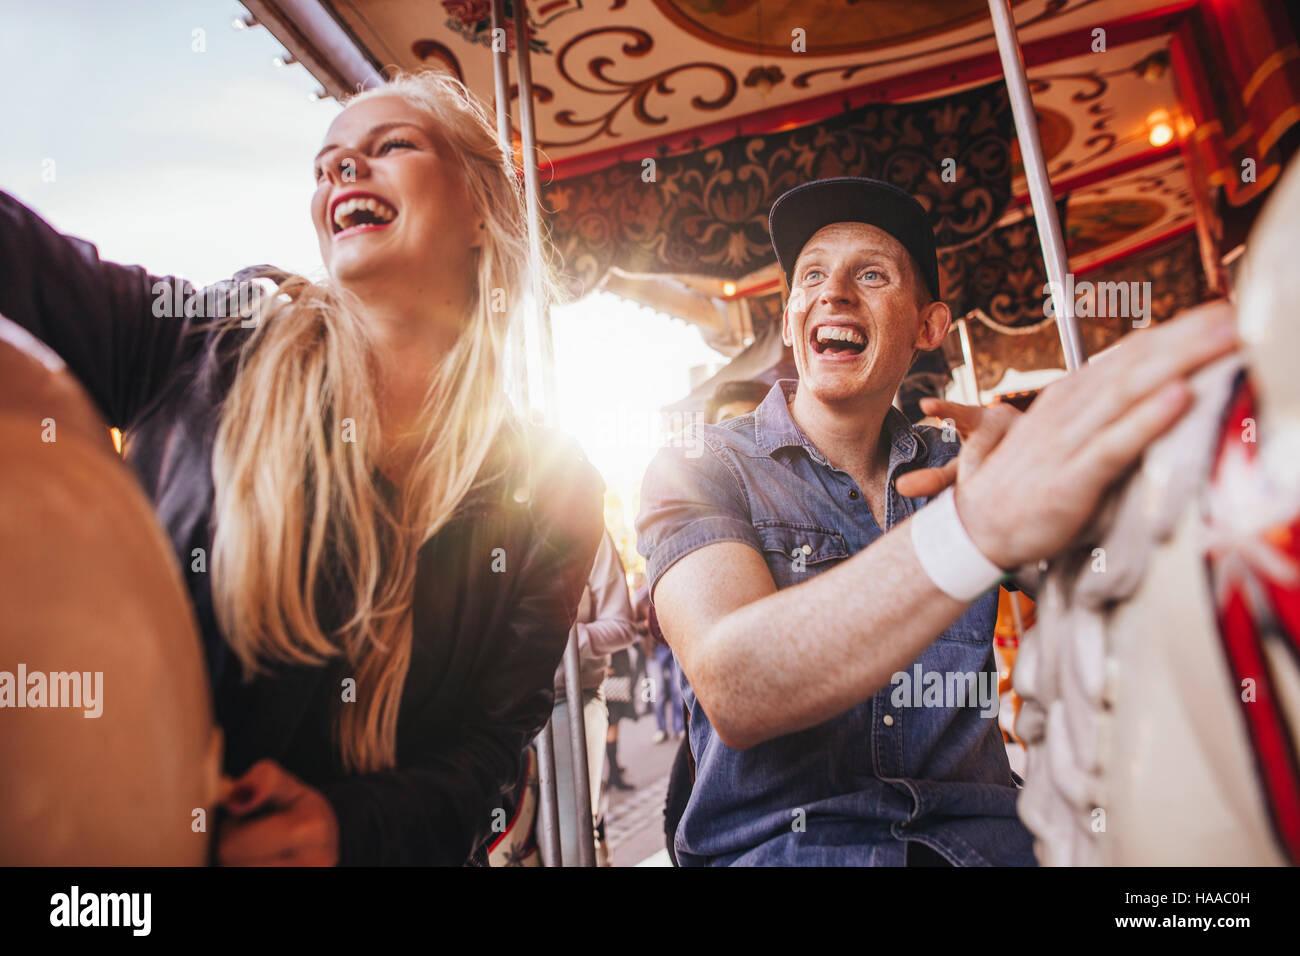 Junger Mann und zwei Frauen auf Karussell am Messegelände. Junges Paar Reiten Pferdekarussell im Vergnügungspark Stockbild